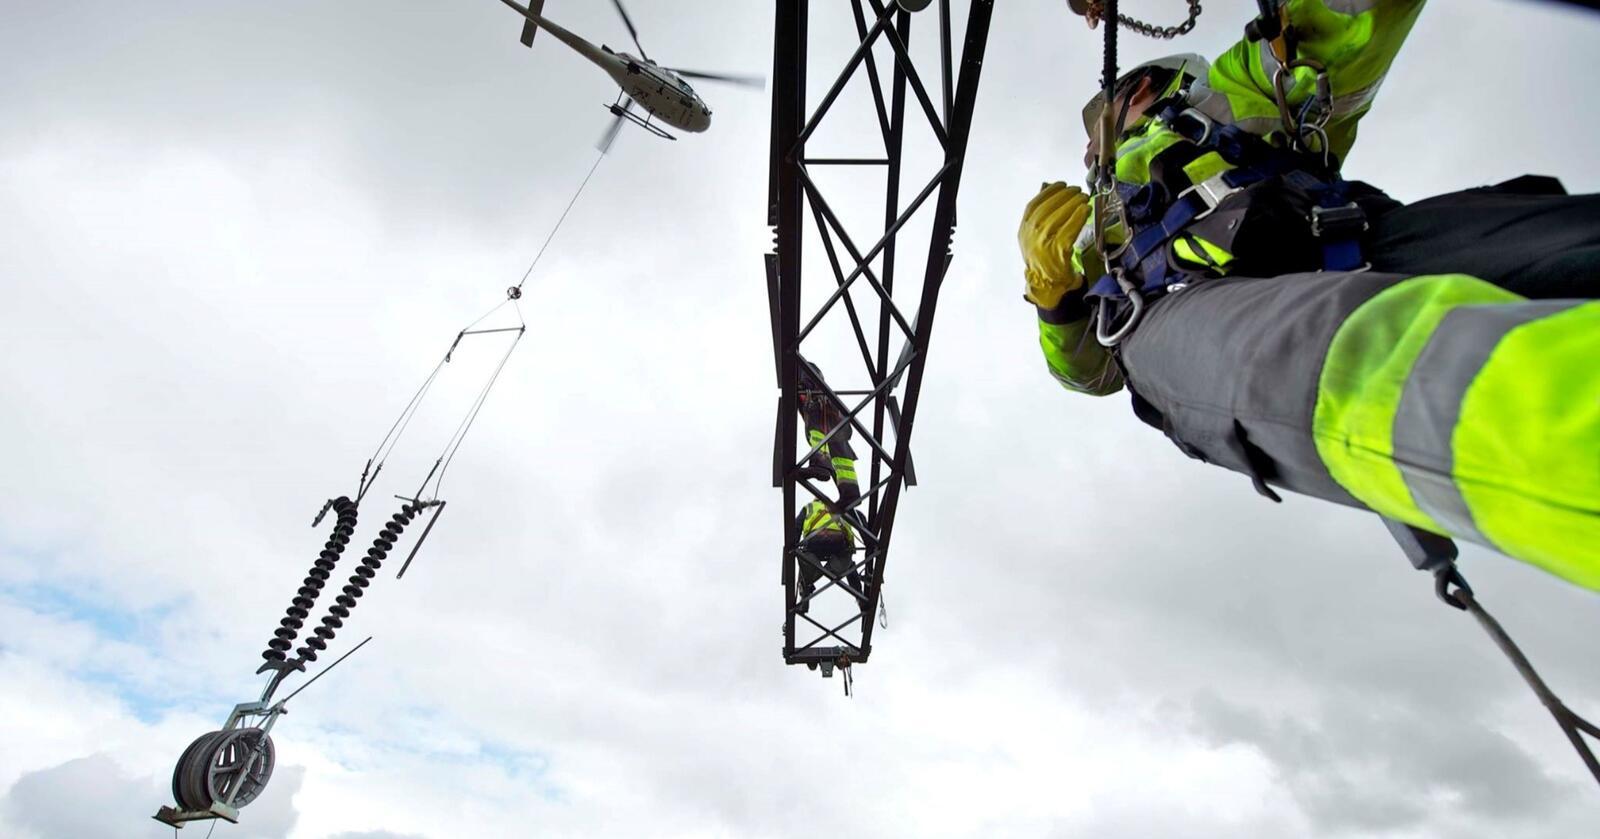 Ny industri står   kø for å knytte seg til strømnettet i takt med at det grønne skiftet skyter fart. Nye analyser fra Statnett viser at kraftforbruket kan bli opp mot 220 TWh i 2050 – som er en vekst på rundt 60 prosent i forhold til dagens strømforbruk. Foto: Statnett.